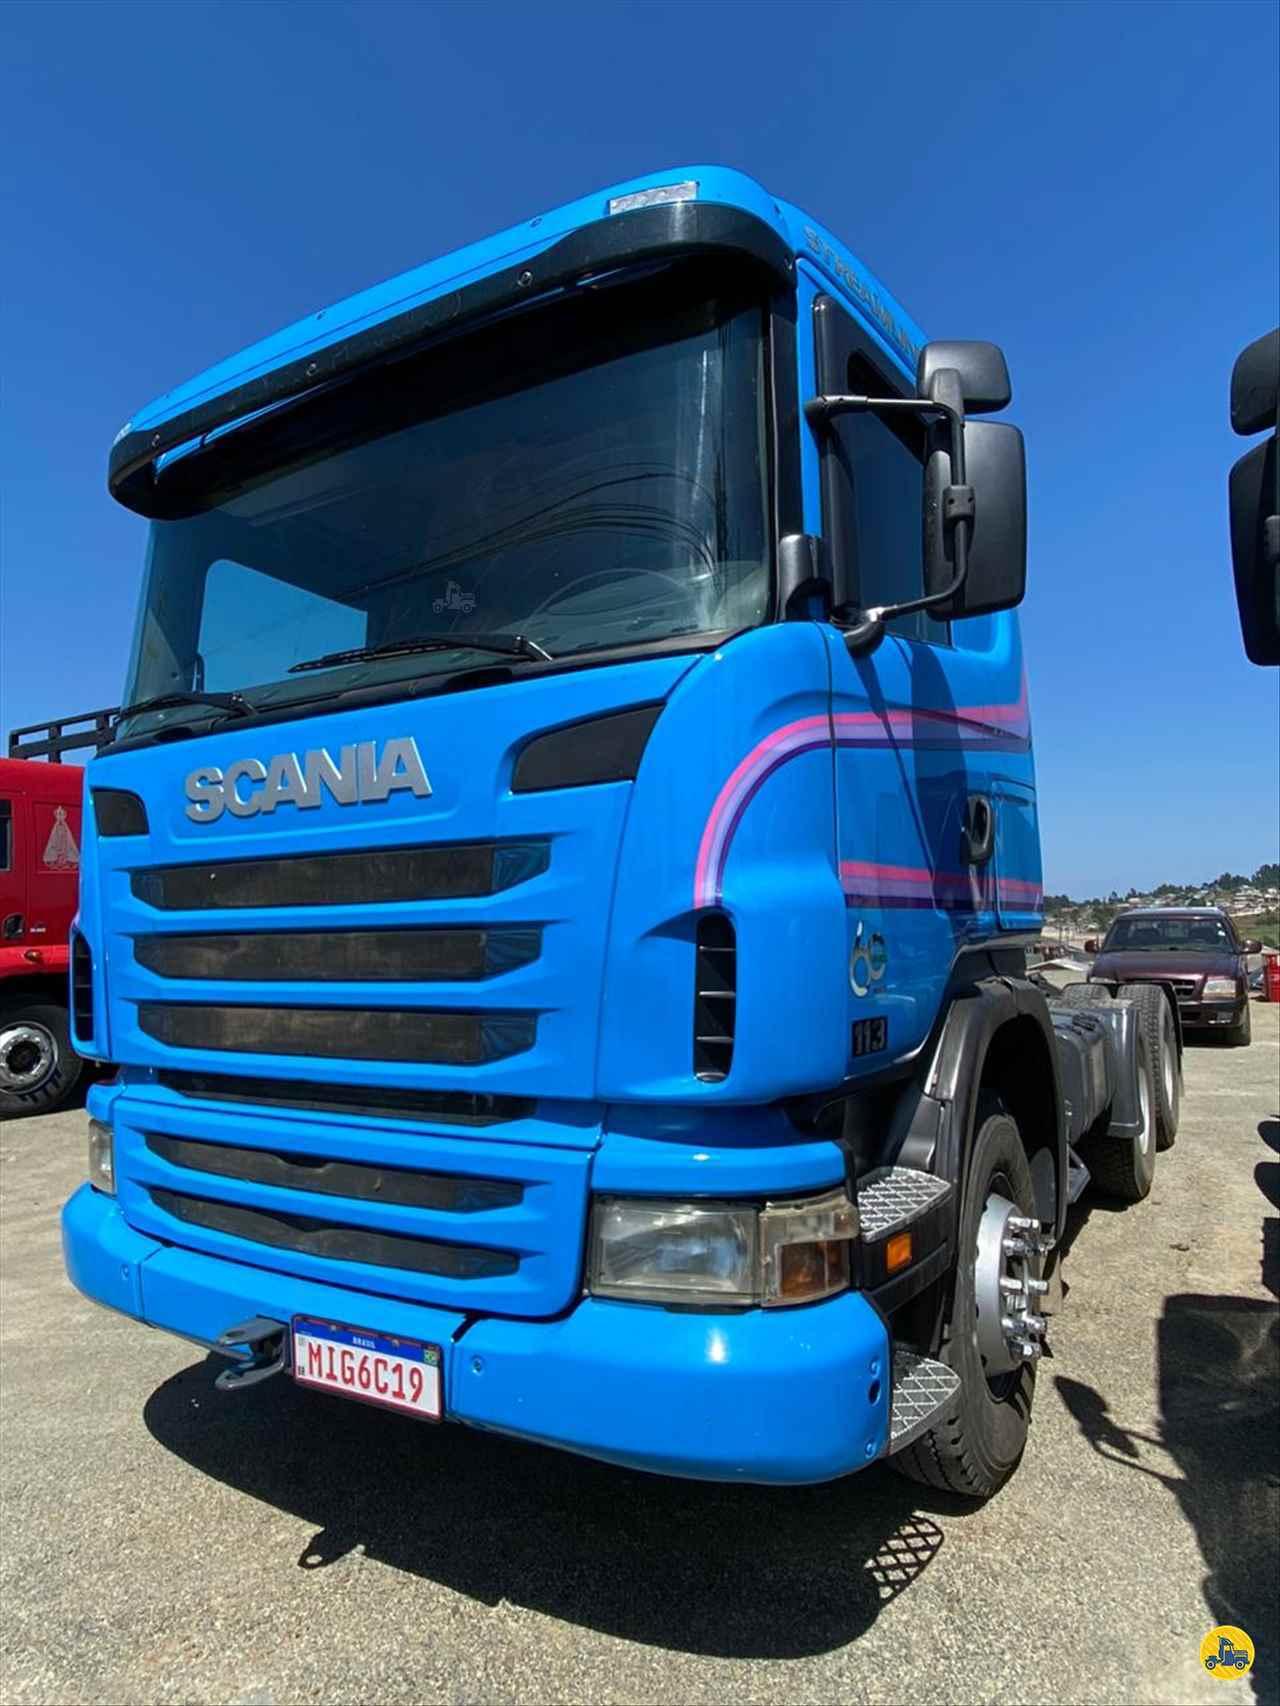 CAMINHAO SCANIA SCANIA 420 Cavalo Mecânico Traçado 6x4 Felipe Caminhões LAGES SANTA CATARINA SC